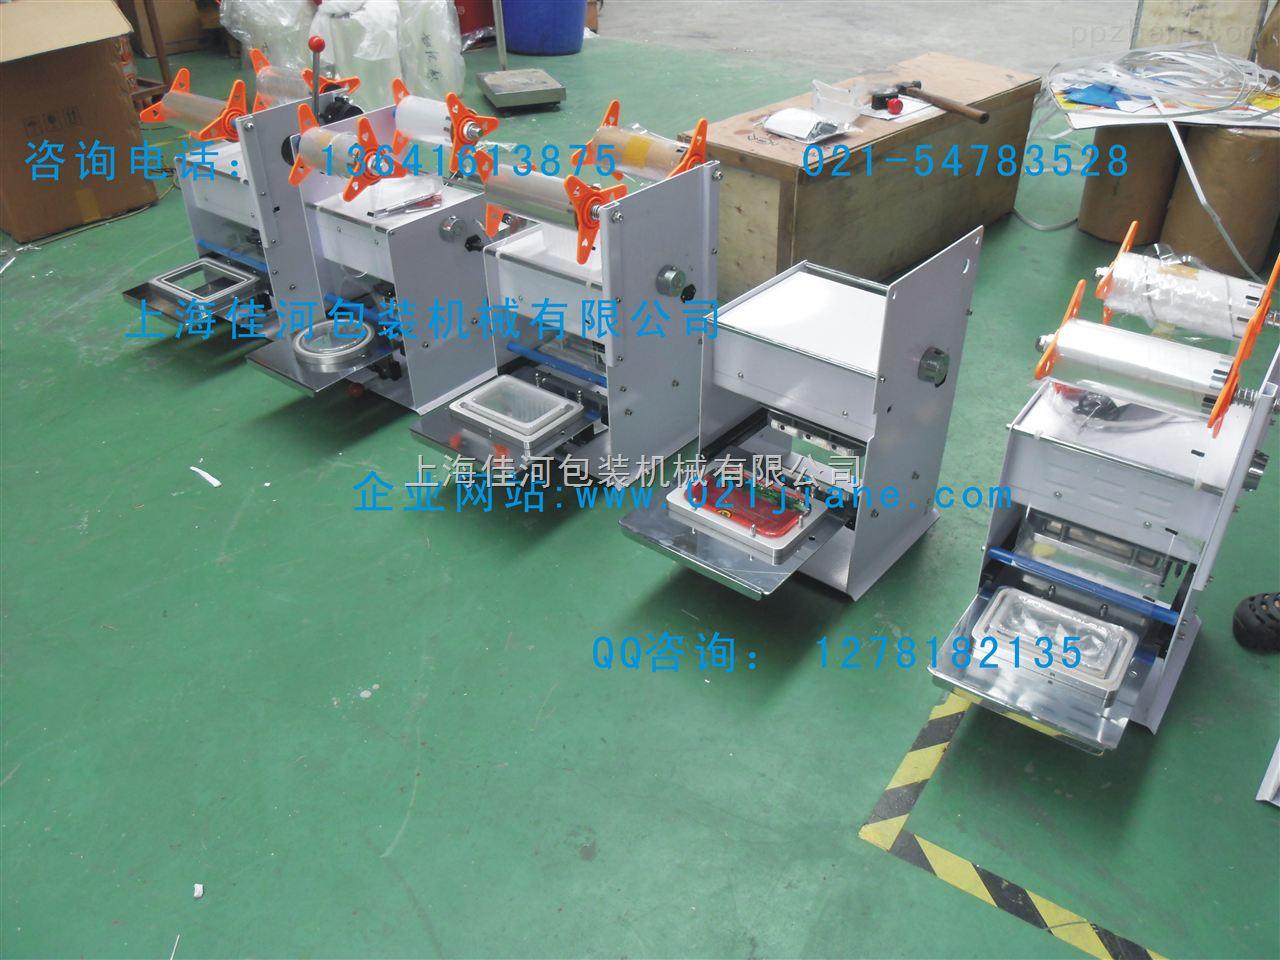 定做-奶茶封口机、豆腐盒封口机、长方形盒封口机,多功能封盖机系列